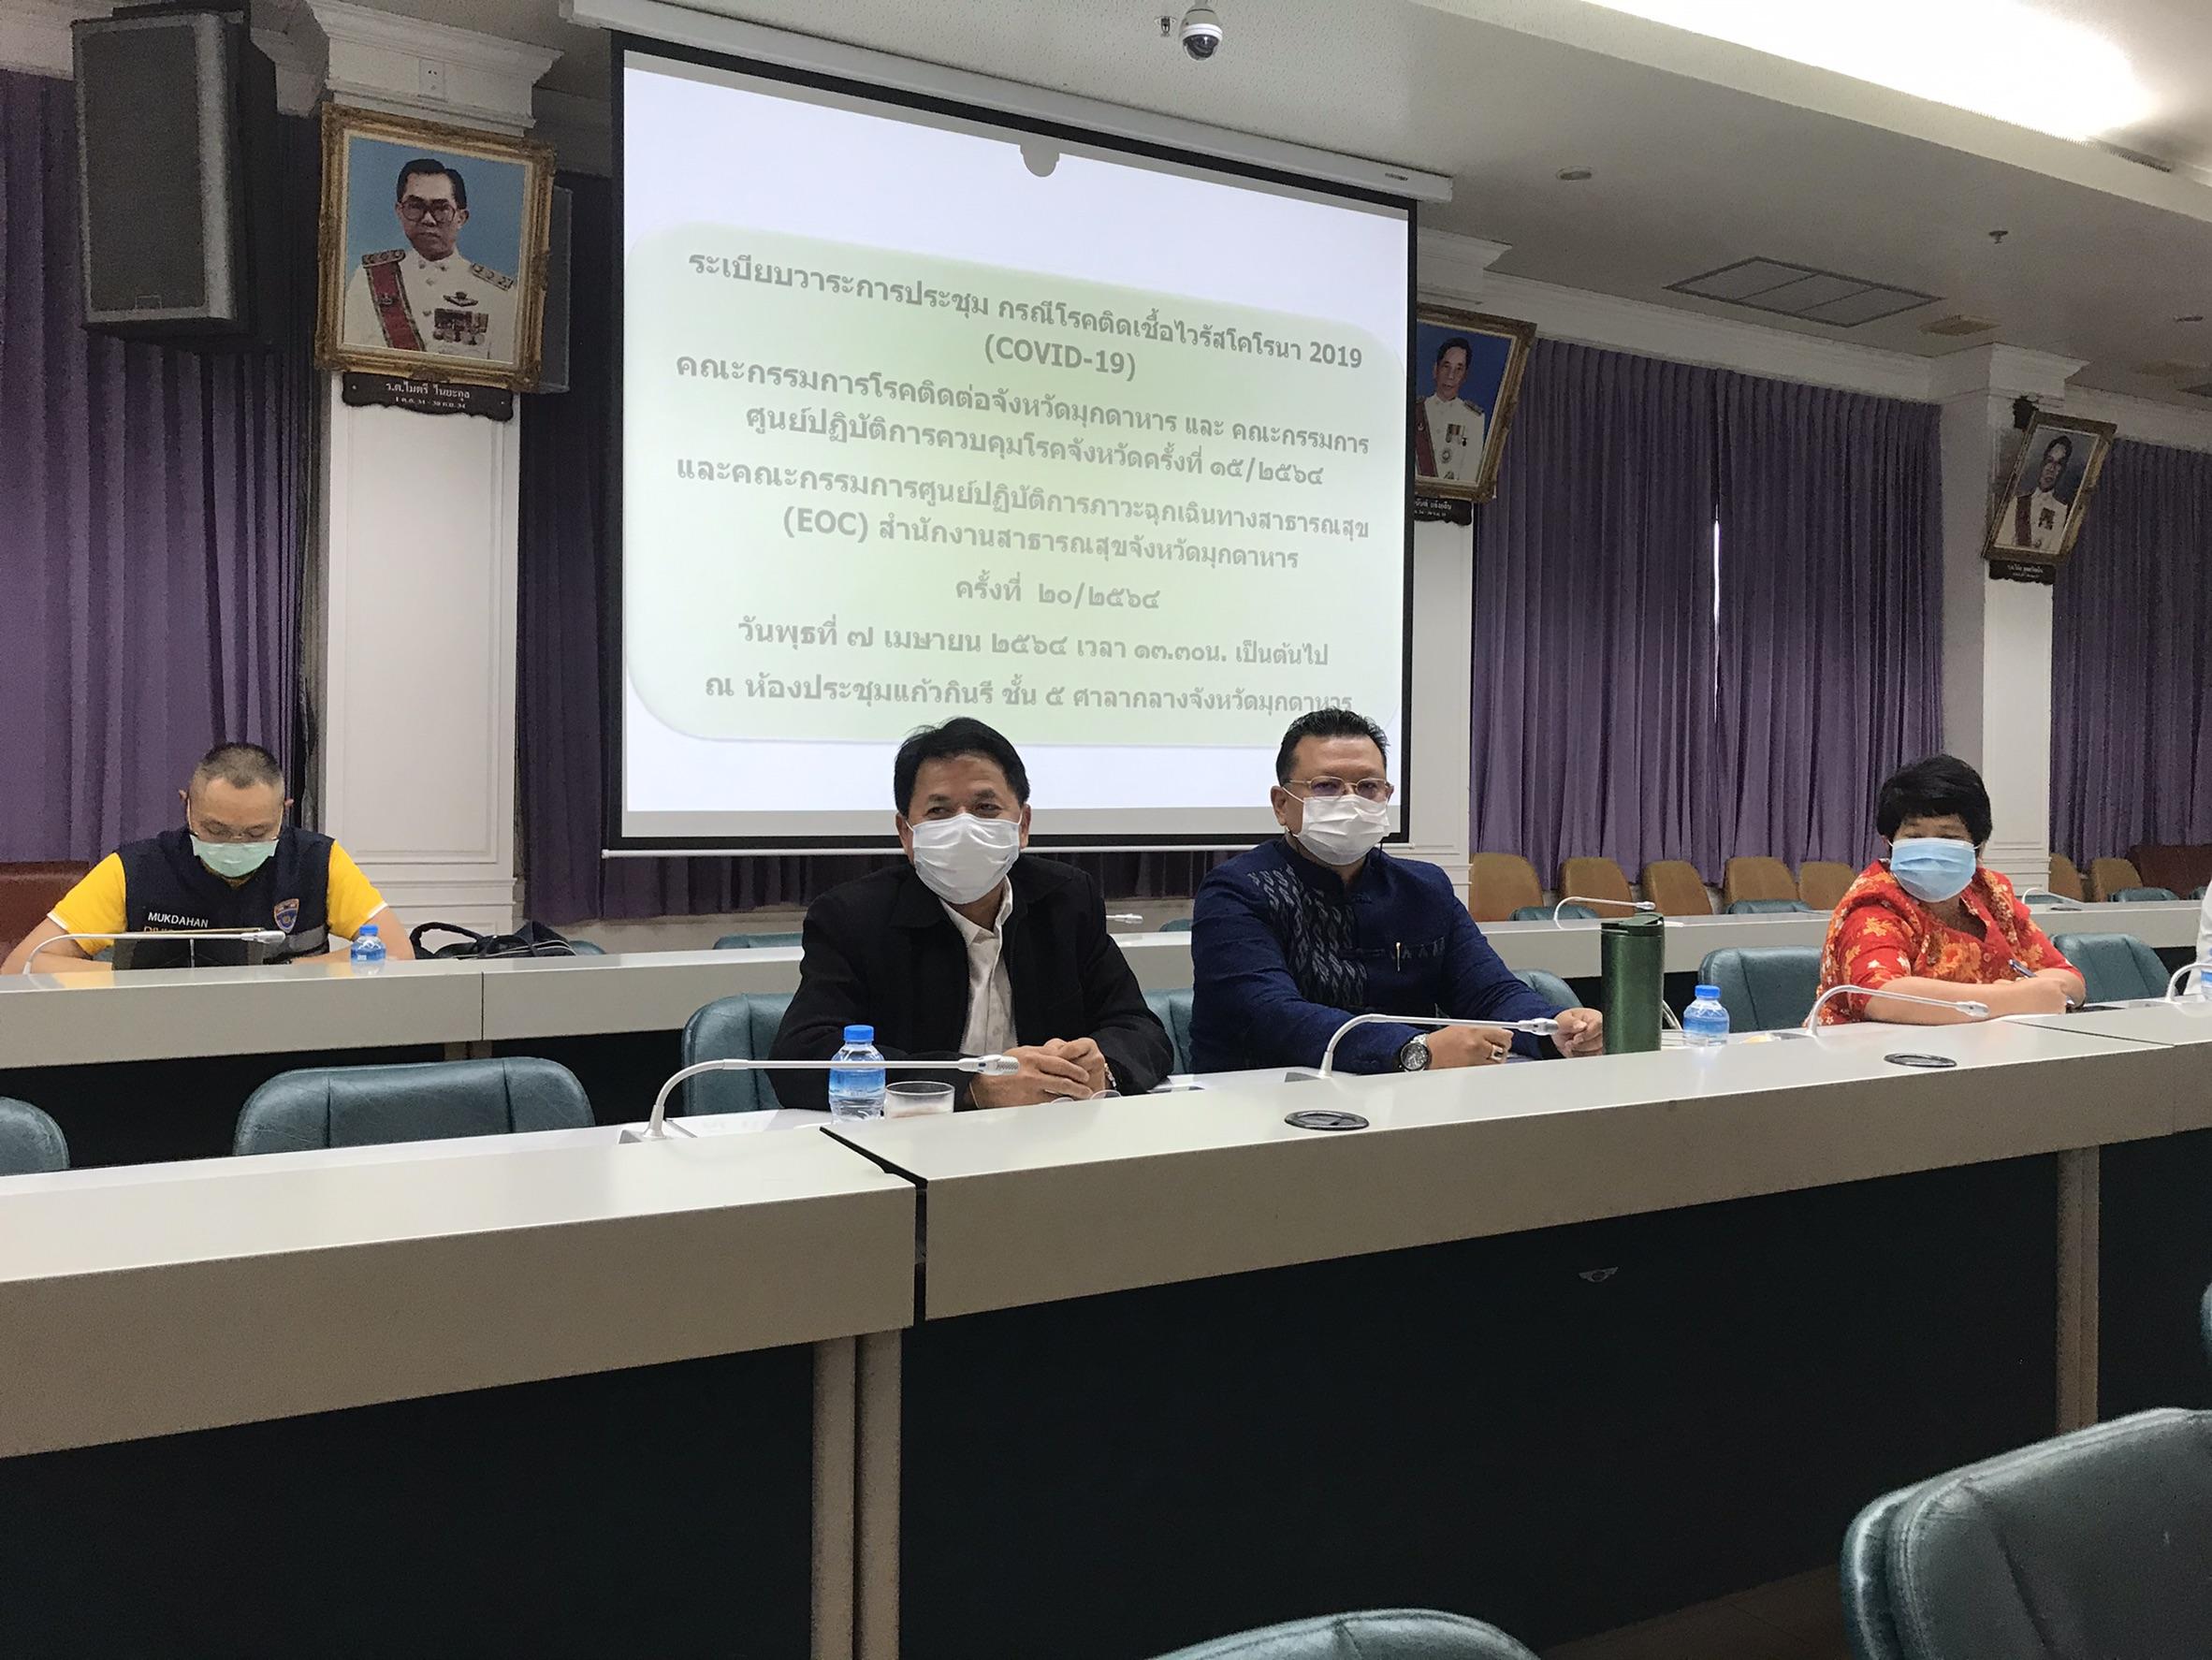 สรจ.มุกดาหาร ร่วมประชุมคณะกรรมการโรคติดต่อจังหวัดมุกดาหาร กรณีโรคติดเชื้อไวรัสโคโรนา 2019 (COVID – 19) ครั้งที่ 14/2564